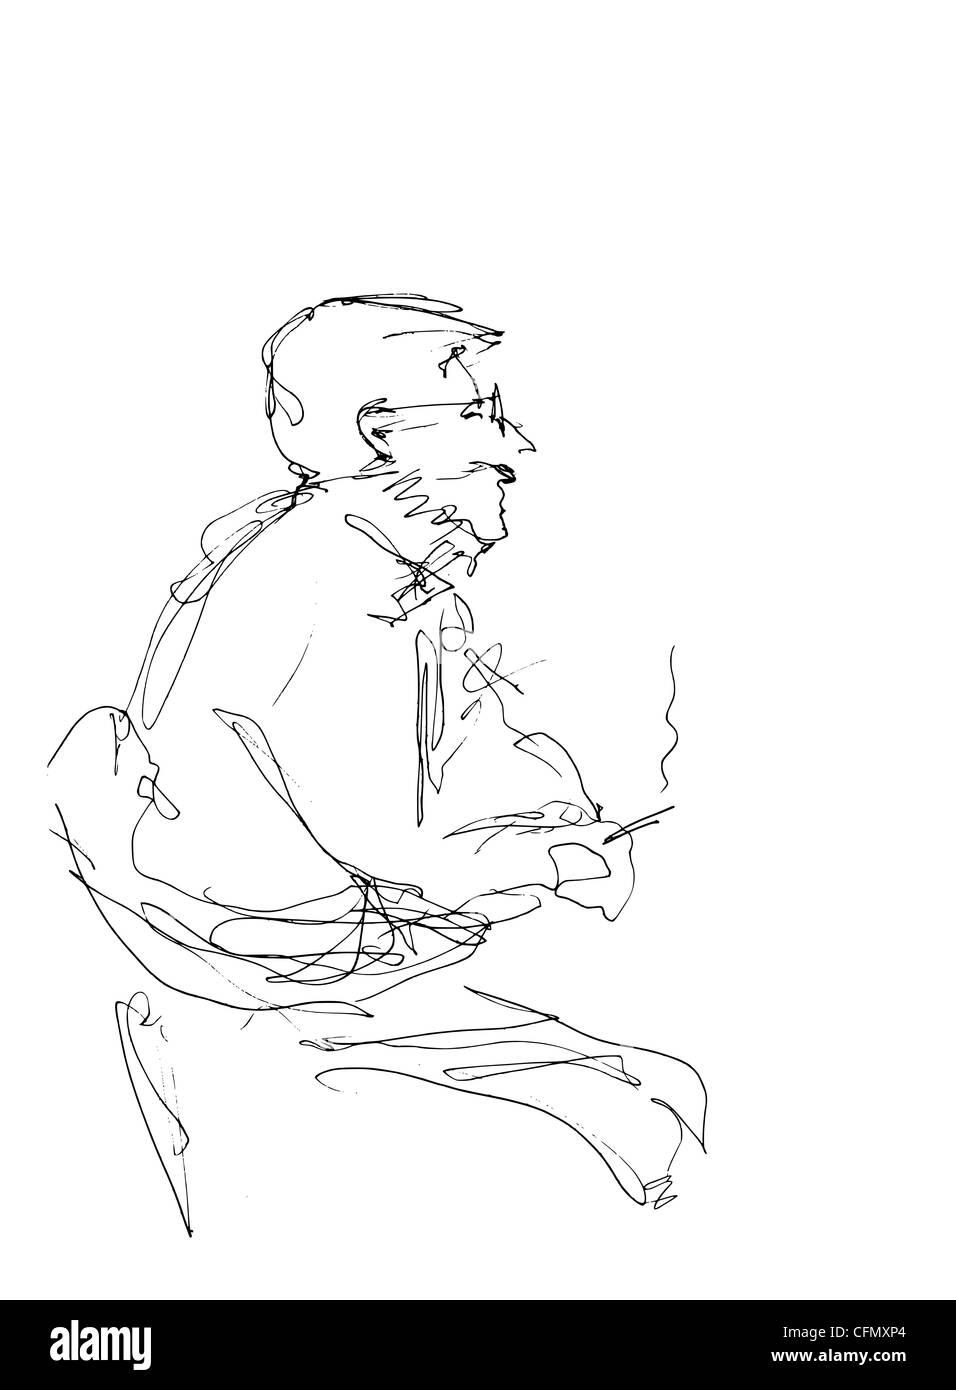 Disegnata a mano doodle elemento di un uomo seduto fumando una sigaretta. Immagini Stock